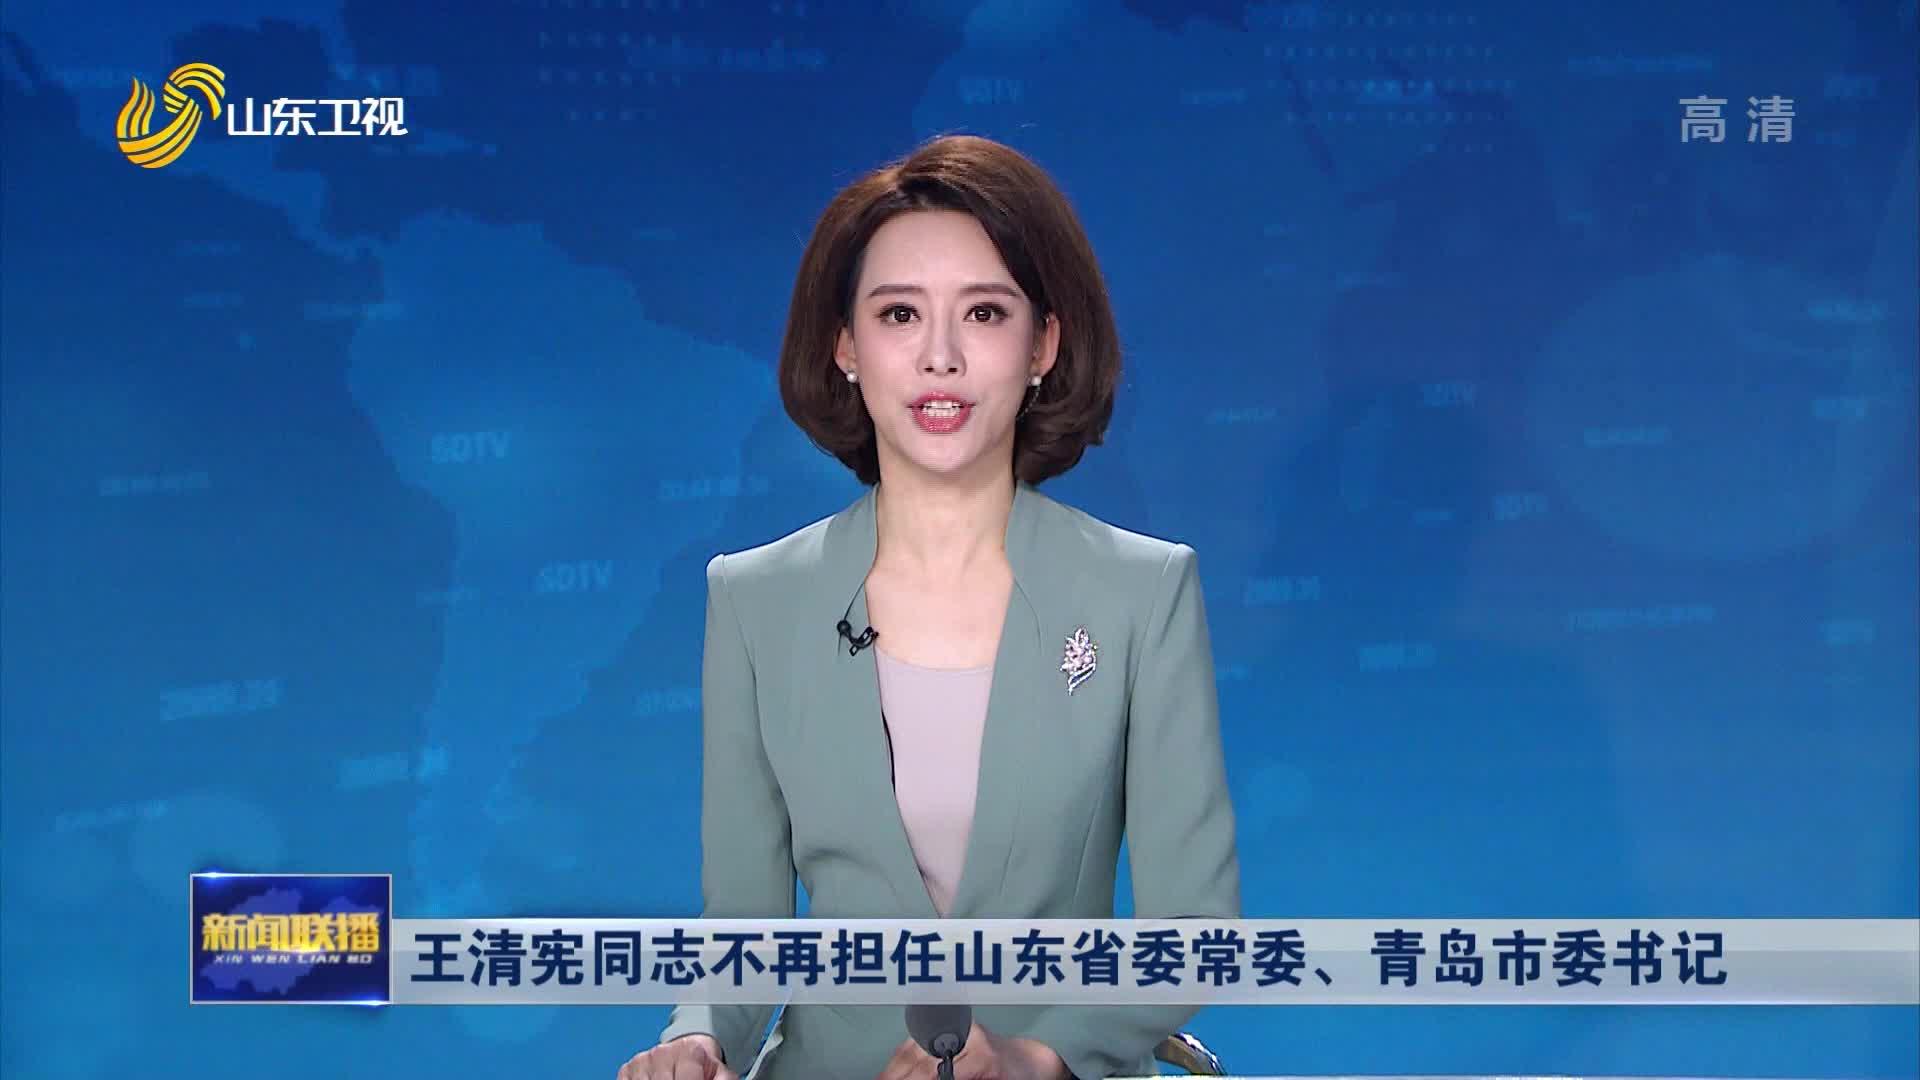 王清宪同志不再担任山东省委常委、青岛市委书记